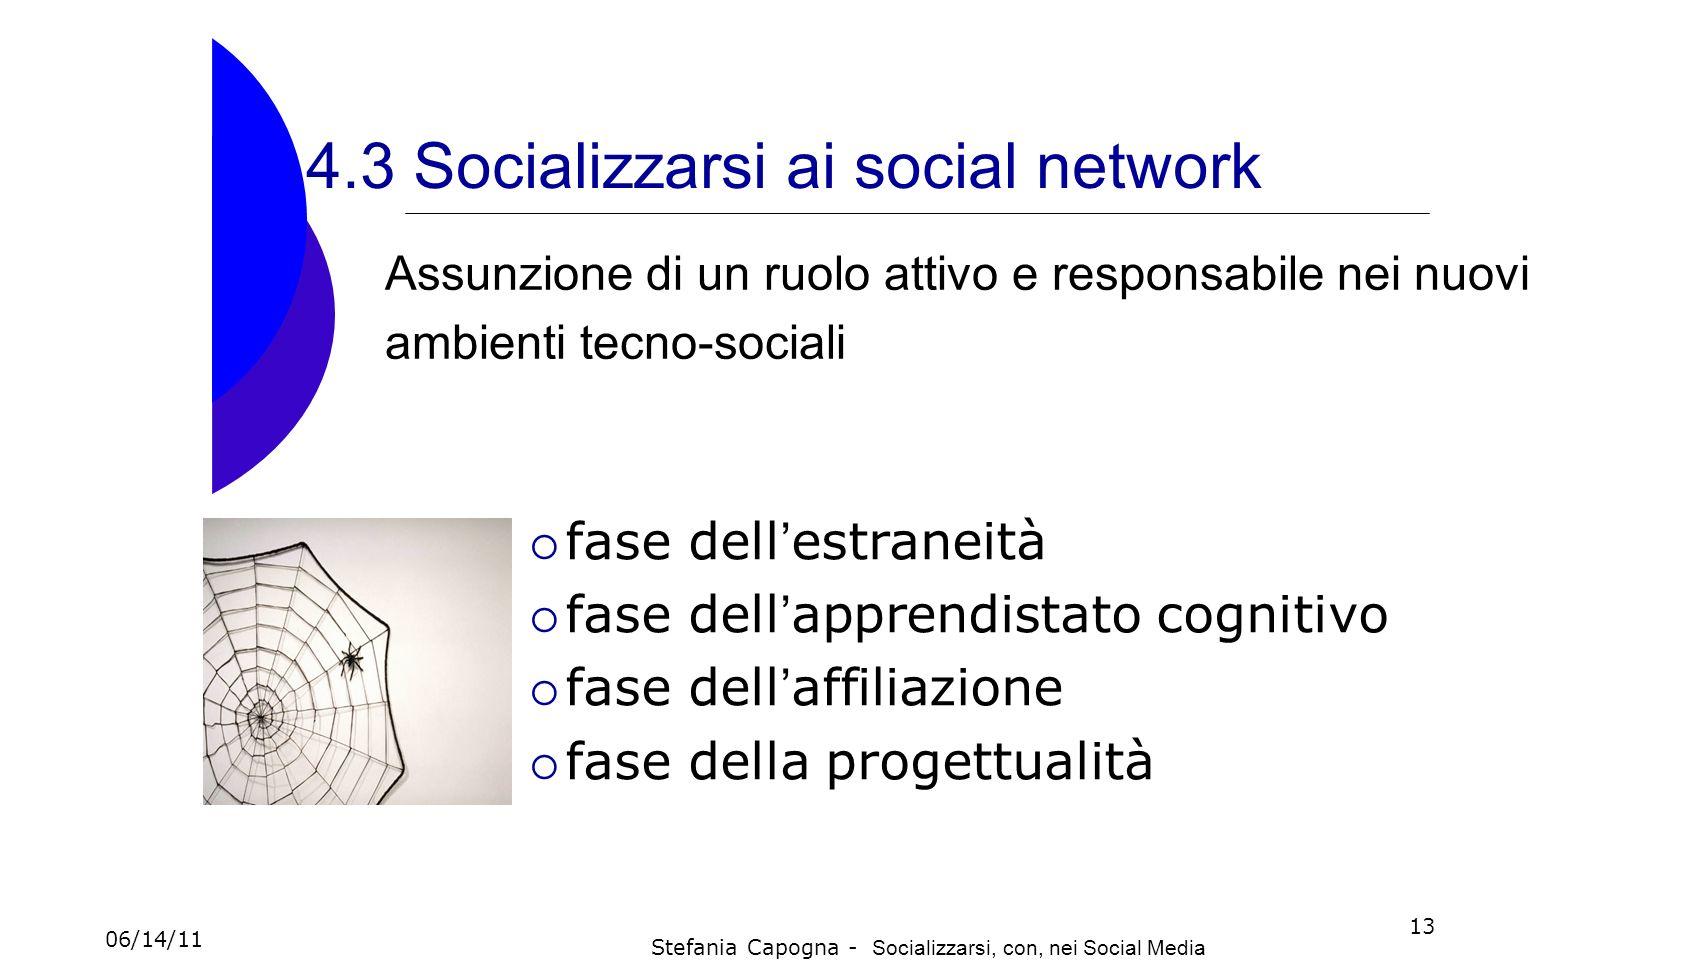 4.3 Socializzarsi ai social network